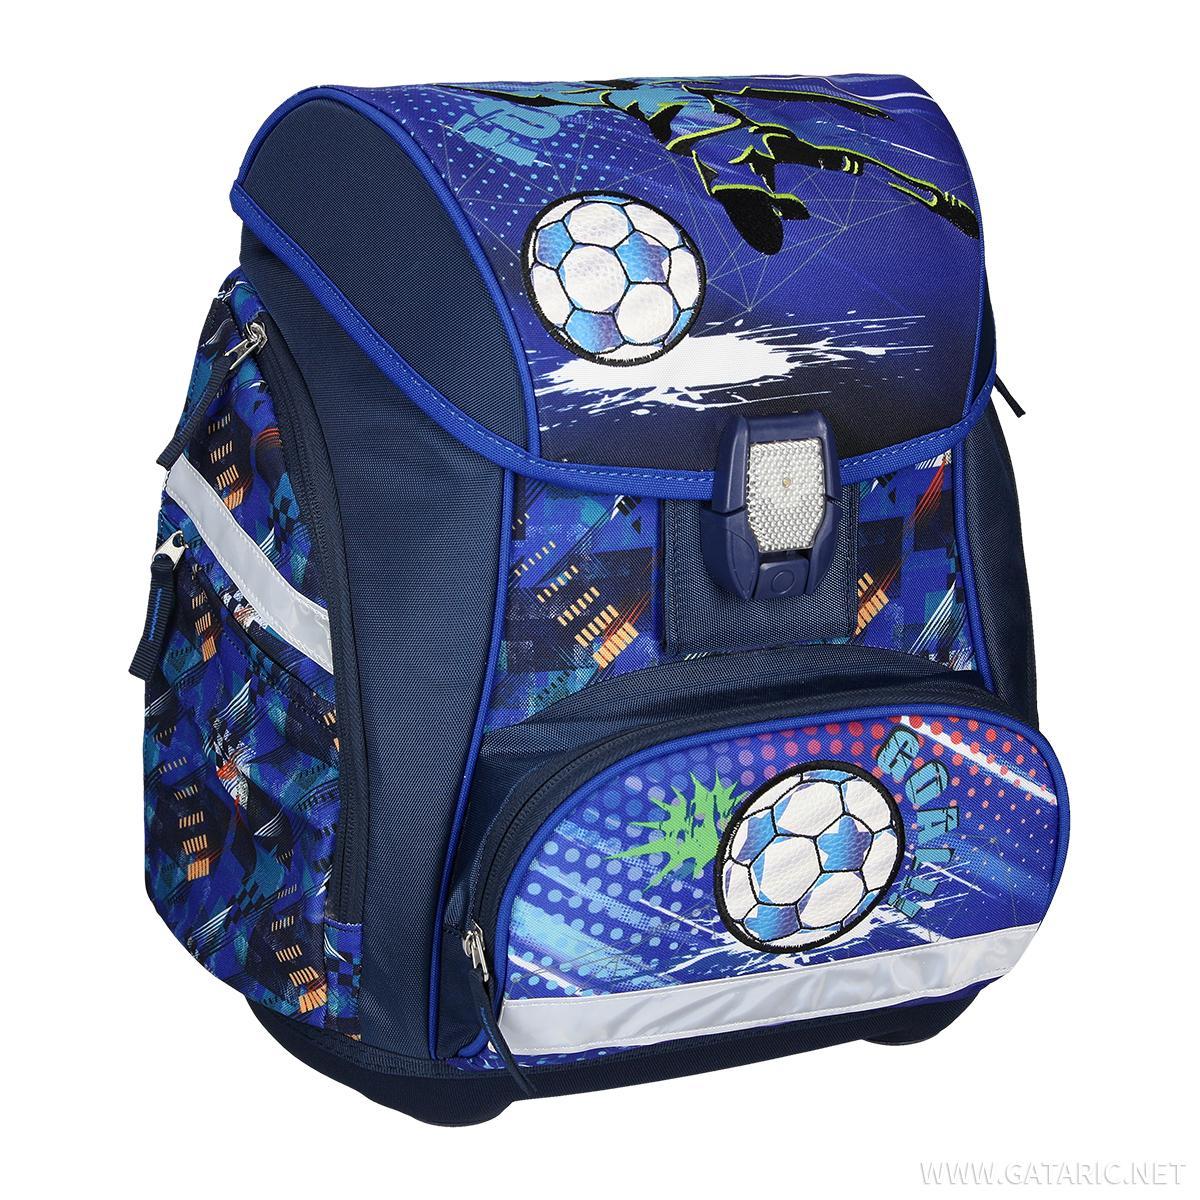 Torba set ''Football Player'', LED kopča